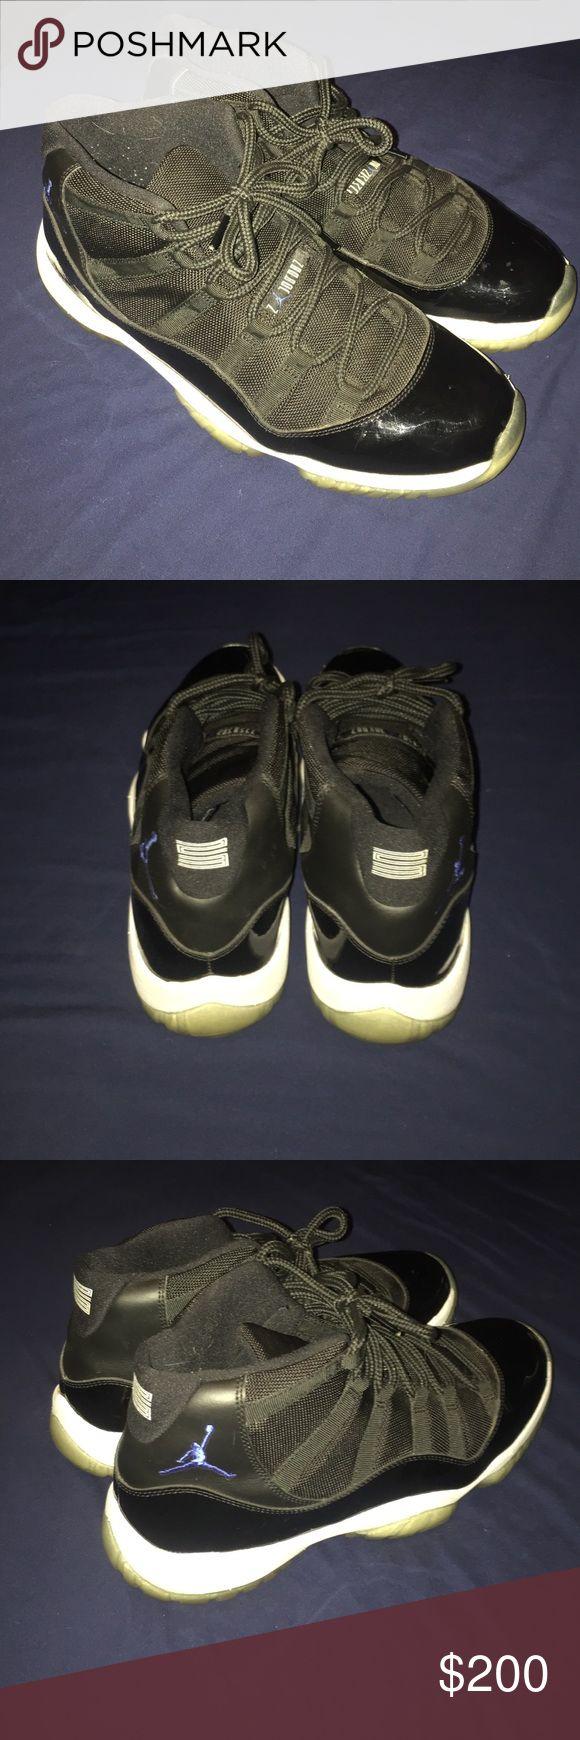 Need gone!!! Jordan Space Jam 11s barely worn Jordan Shoes Sneakers